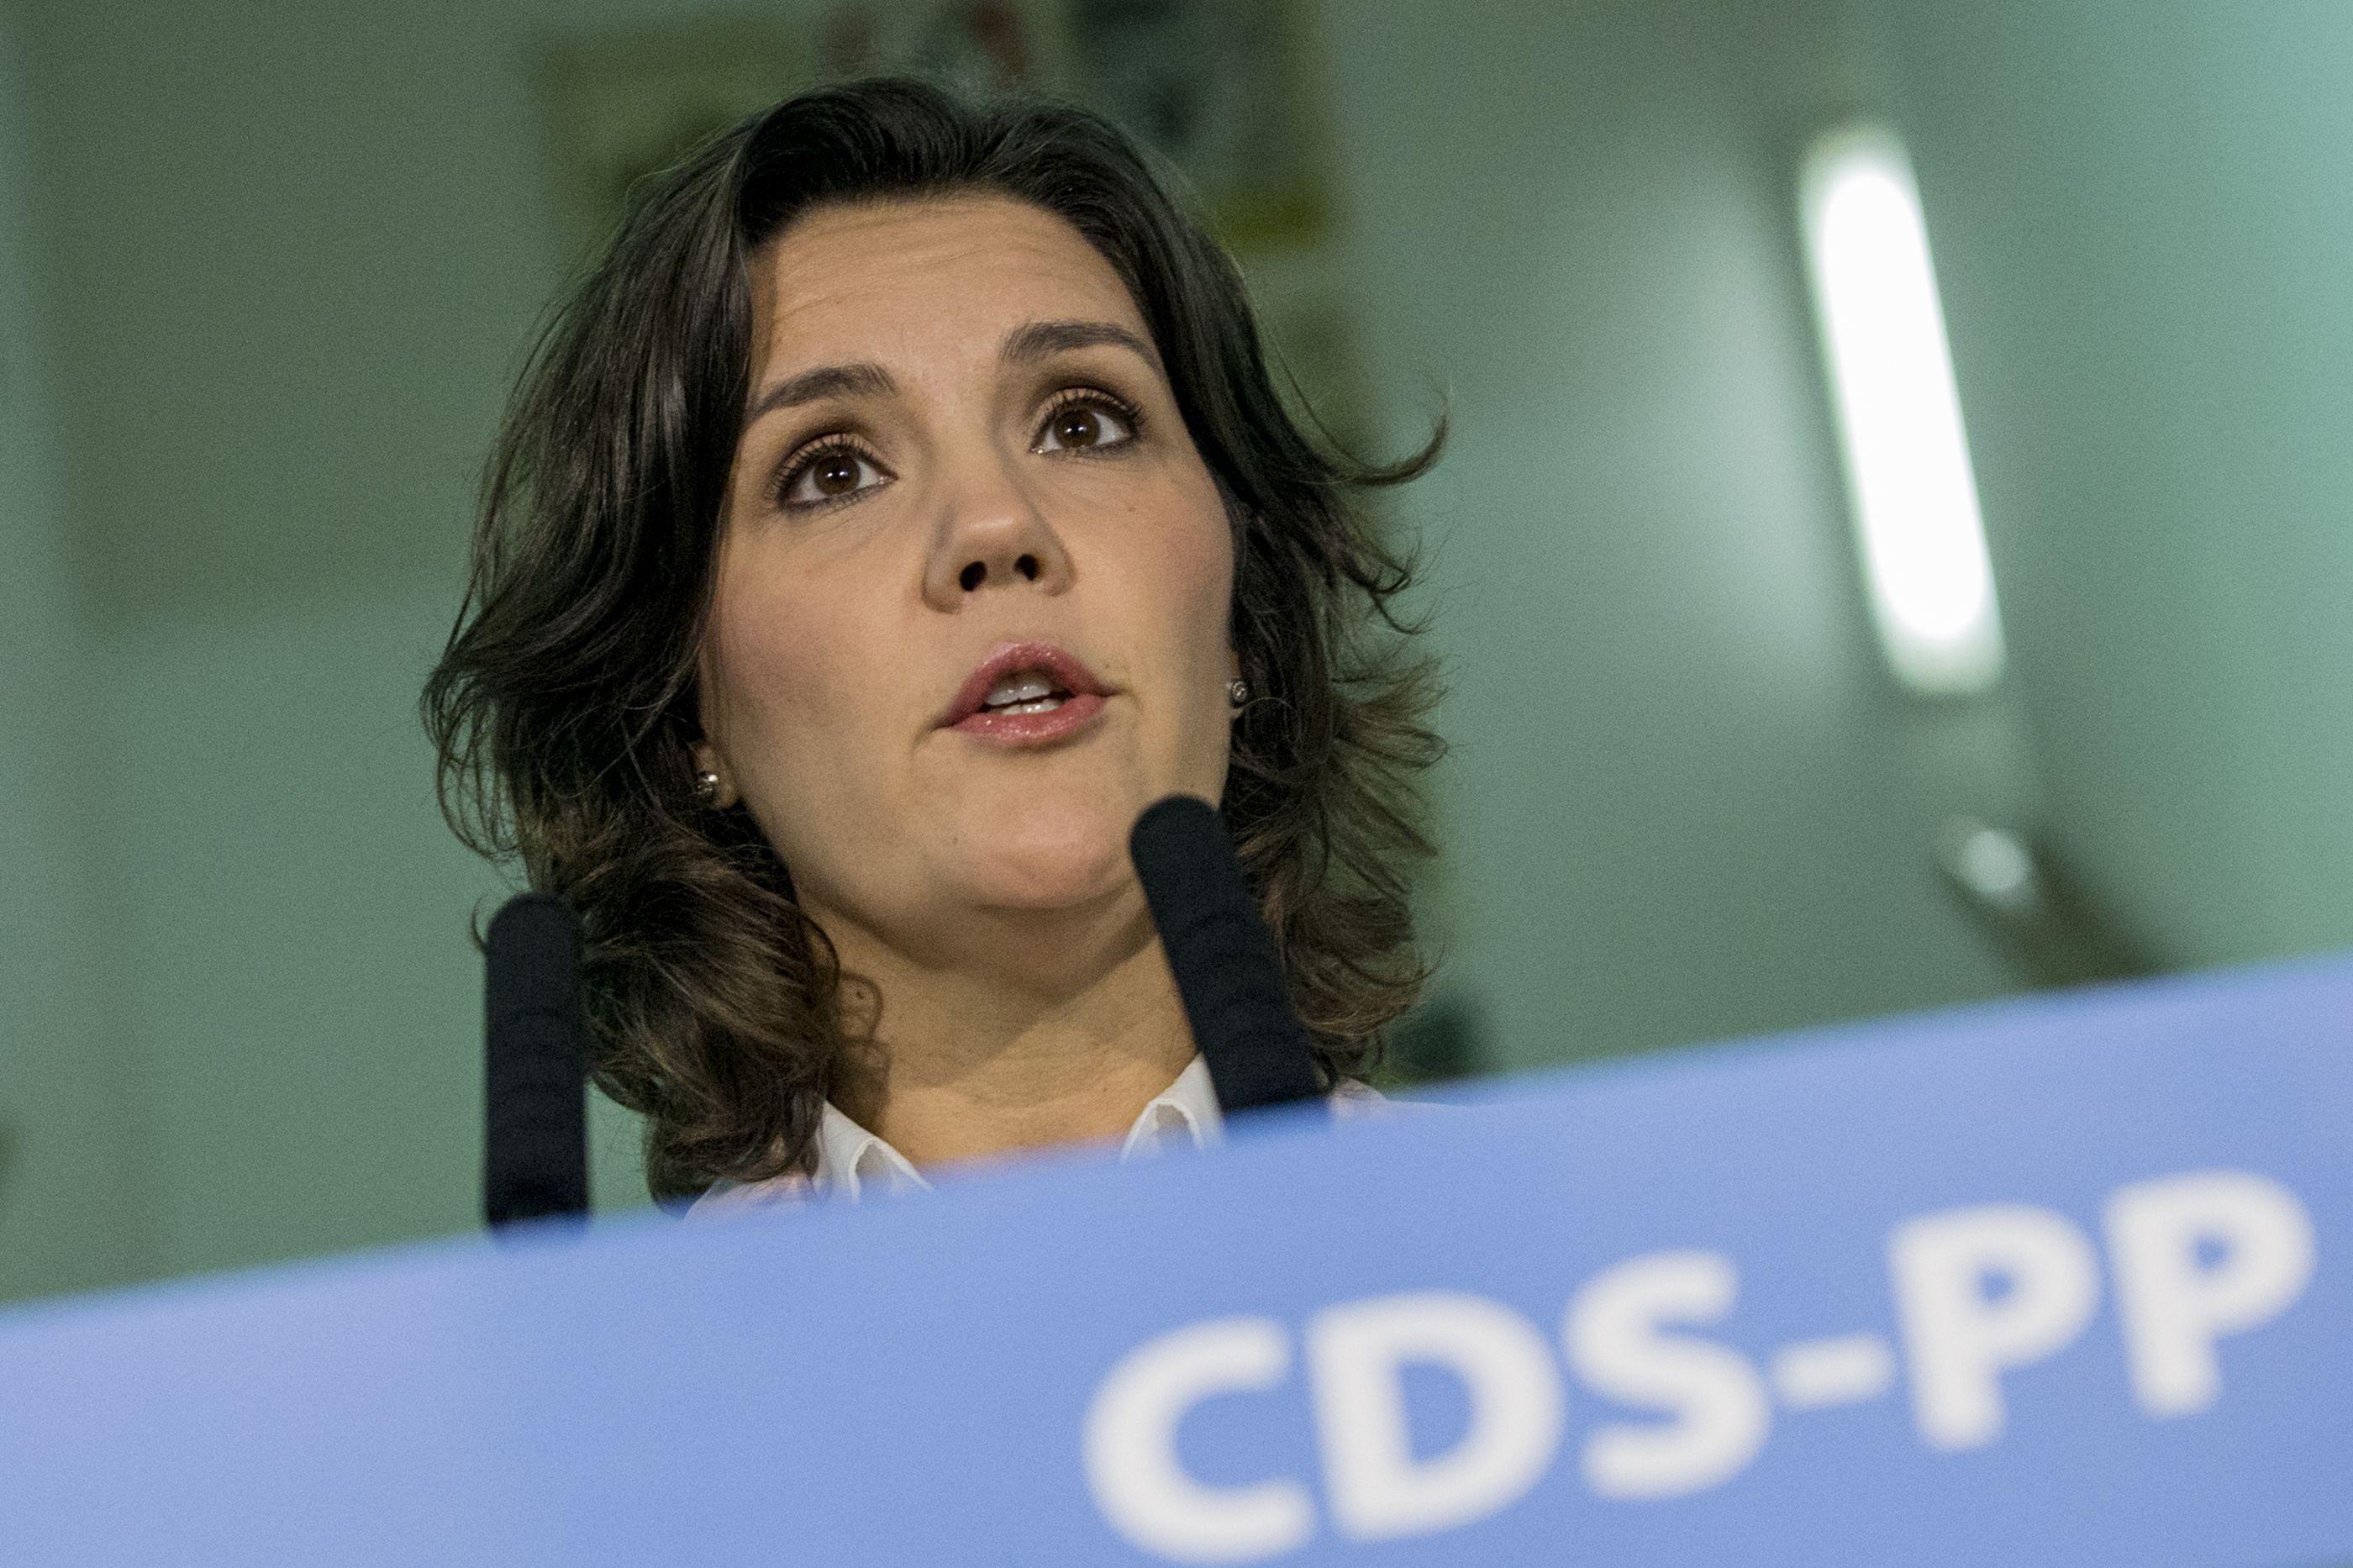 """CDS questiona Governo sobre debate """"controverso"""" em escola do Barreiro"""